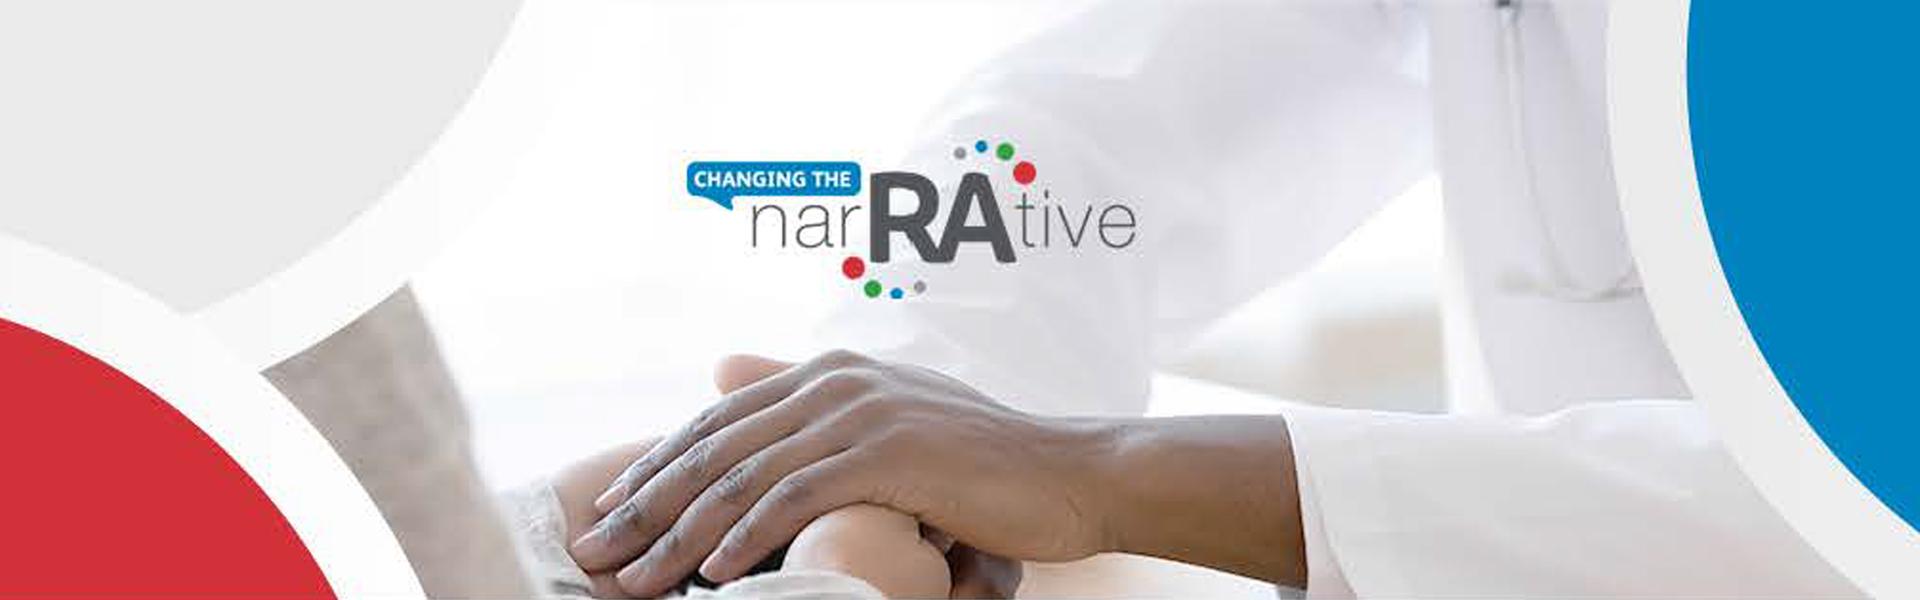 ra_narrative_1920x600_B.jpg